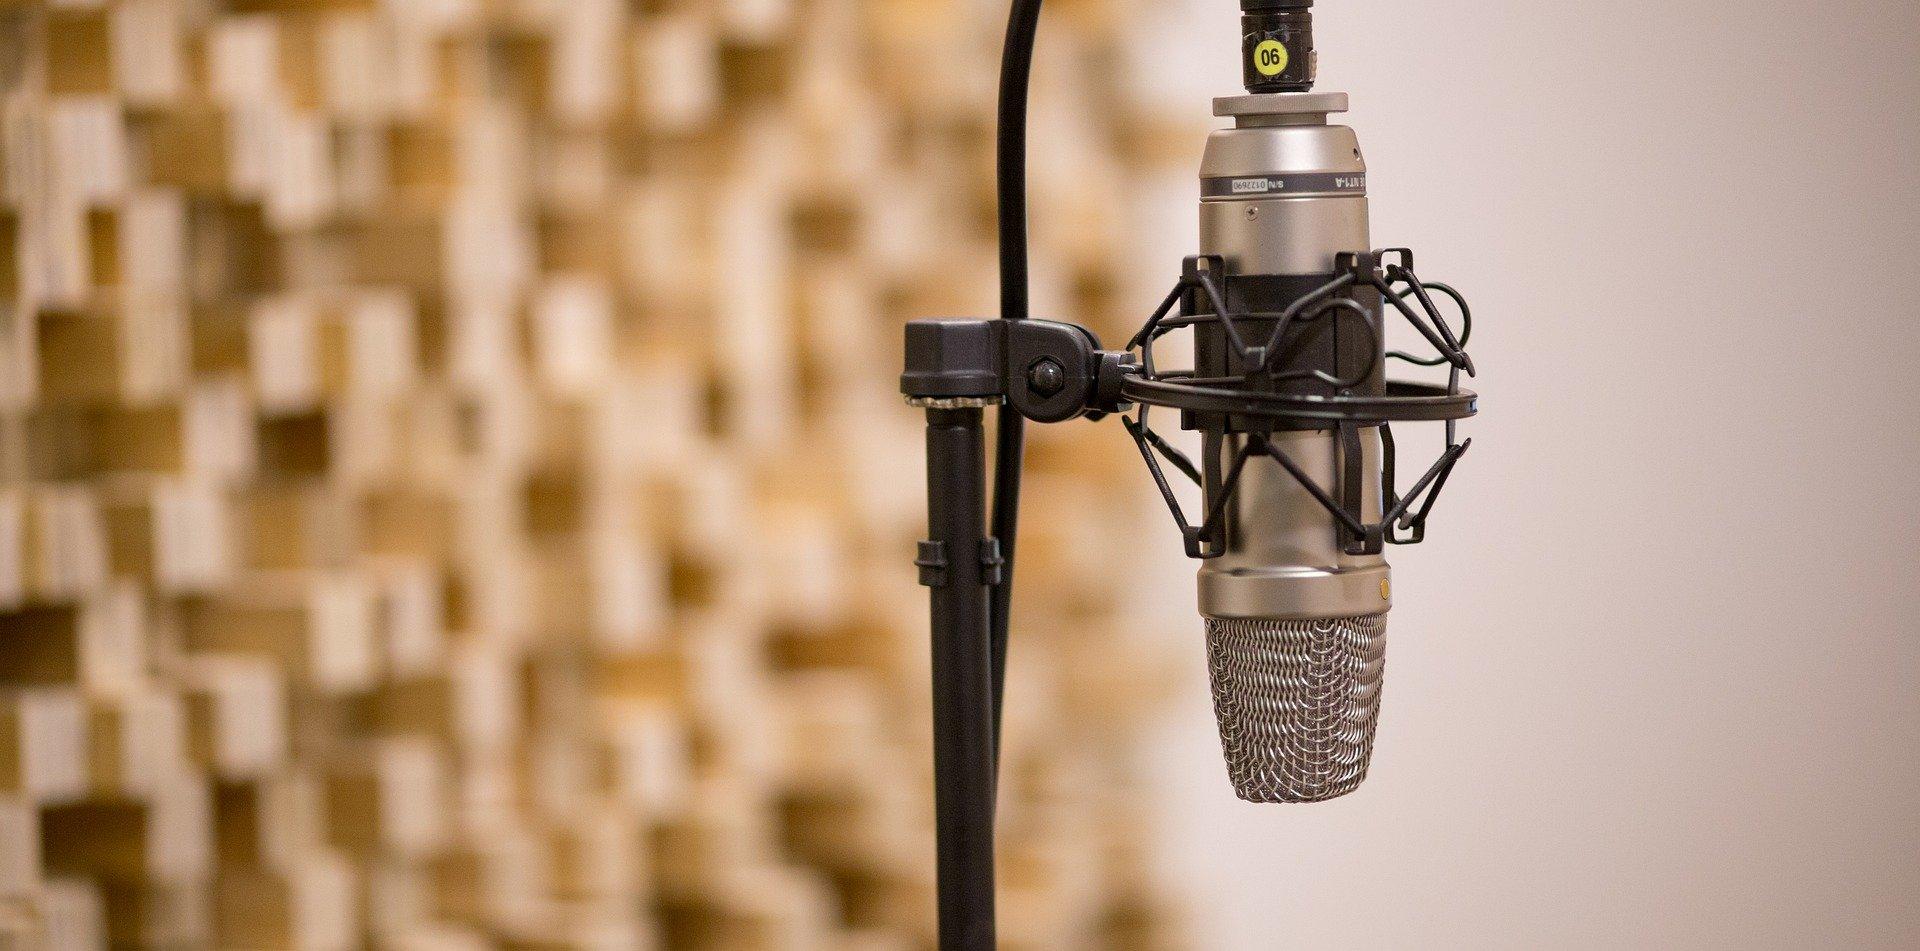 Écocitoyenneté : L'émission De Radio Des 2de4